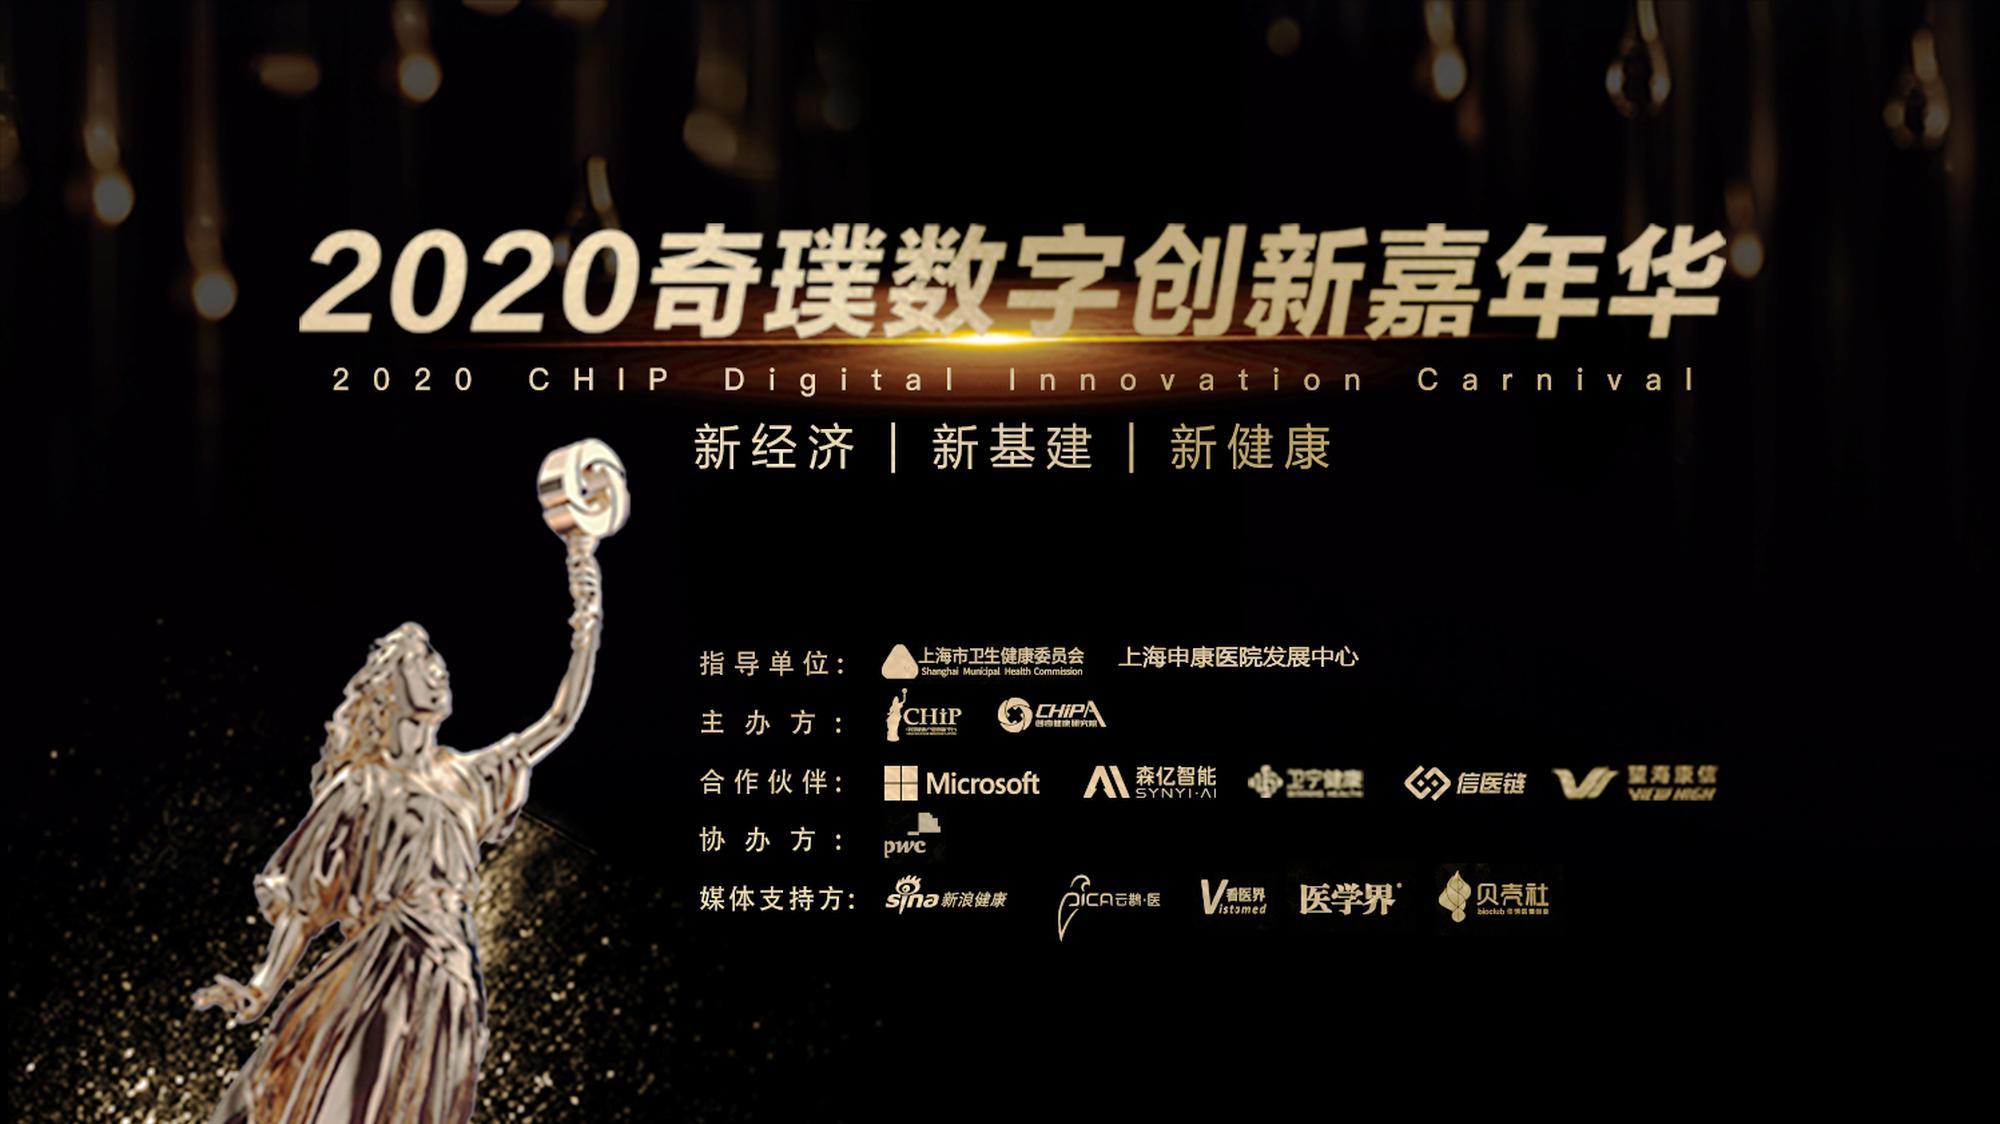 四大展台现场解锁, 2020奇璞数字创新嘉年华圆满收官!